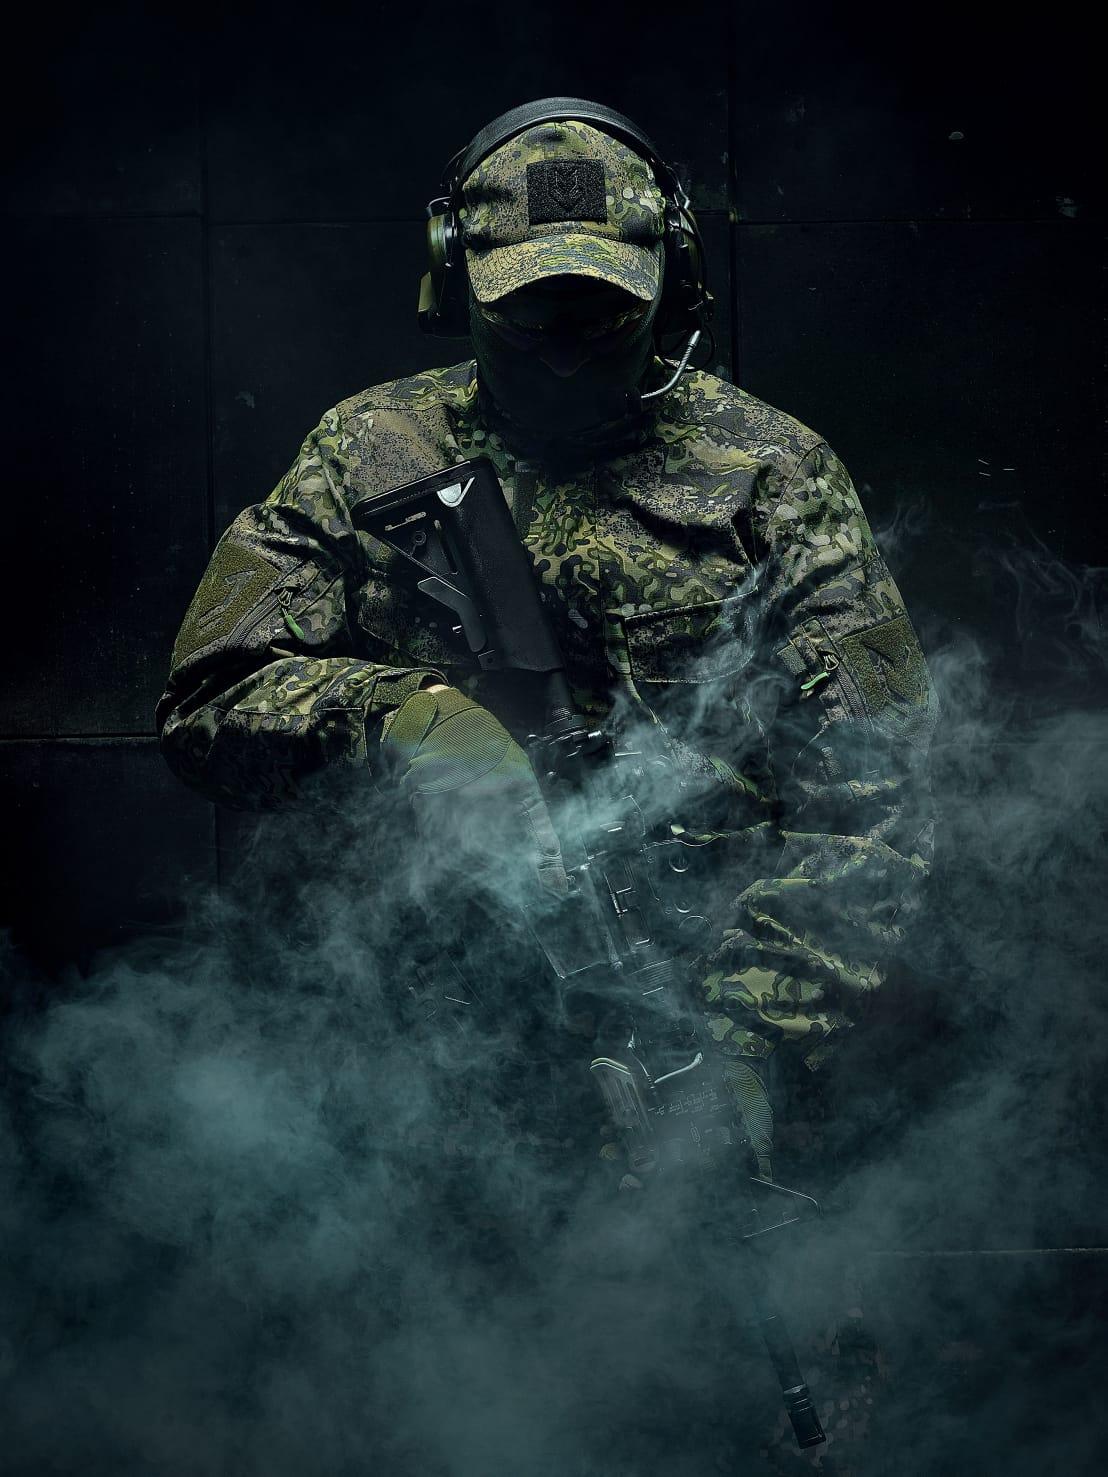 mężczyzna w mundurze w kamuflażu MAPA od Maskpol; trzyma replikę airsoft; stoi w dymie